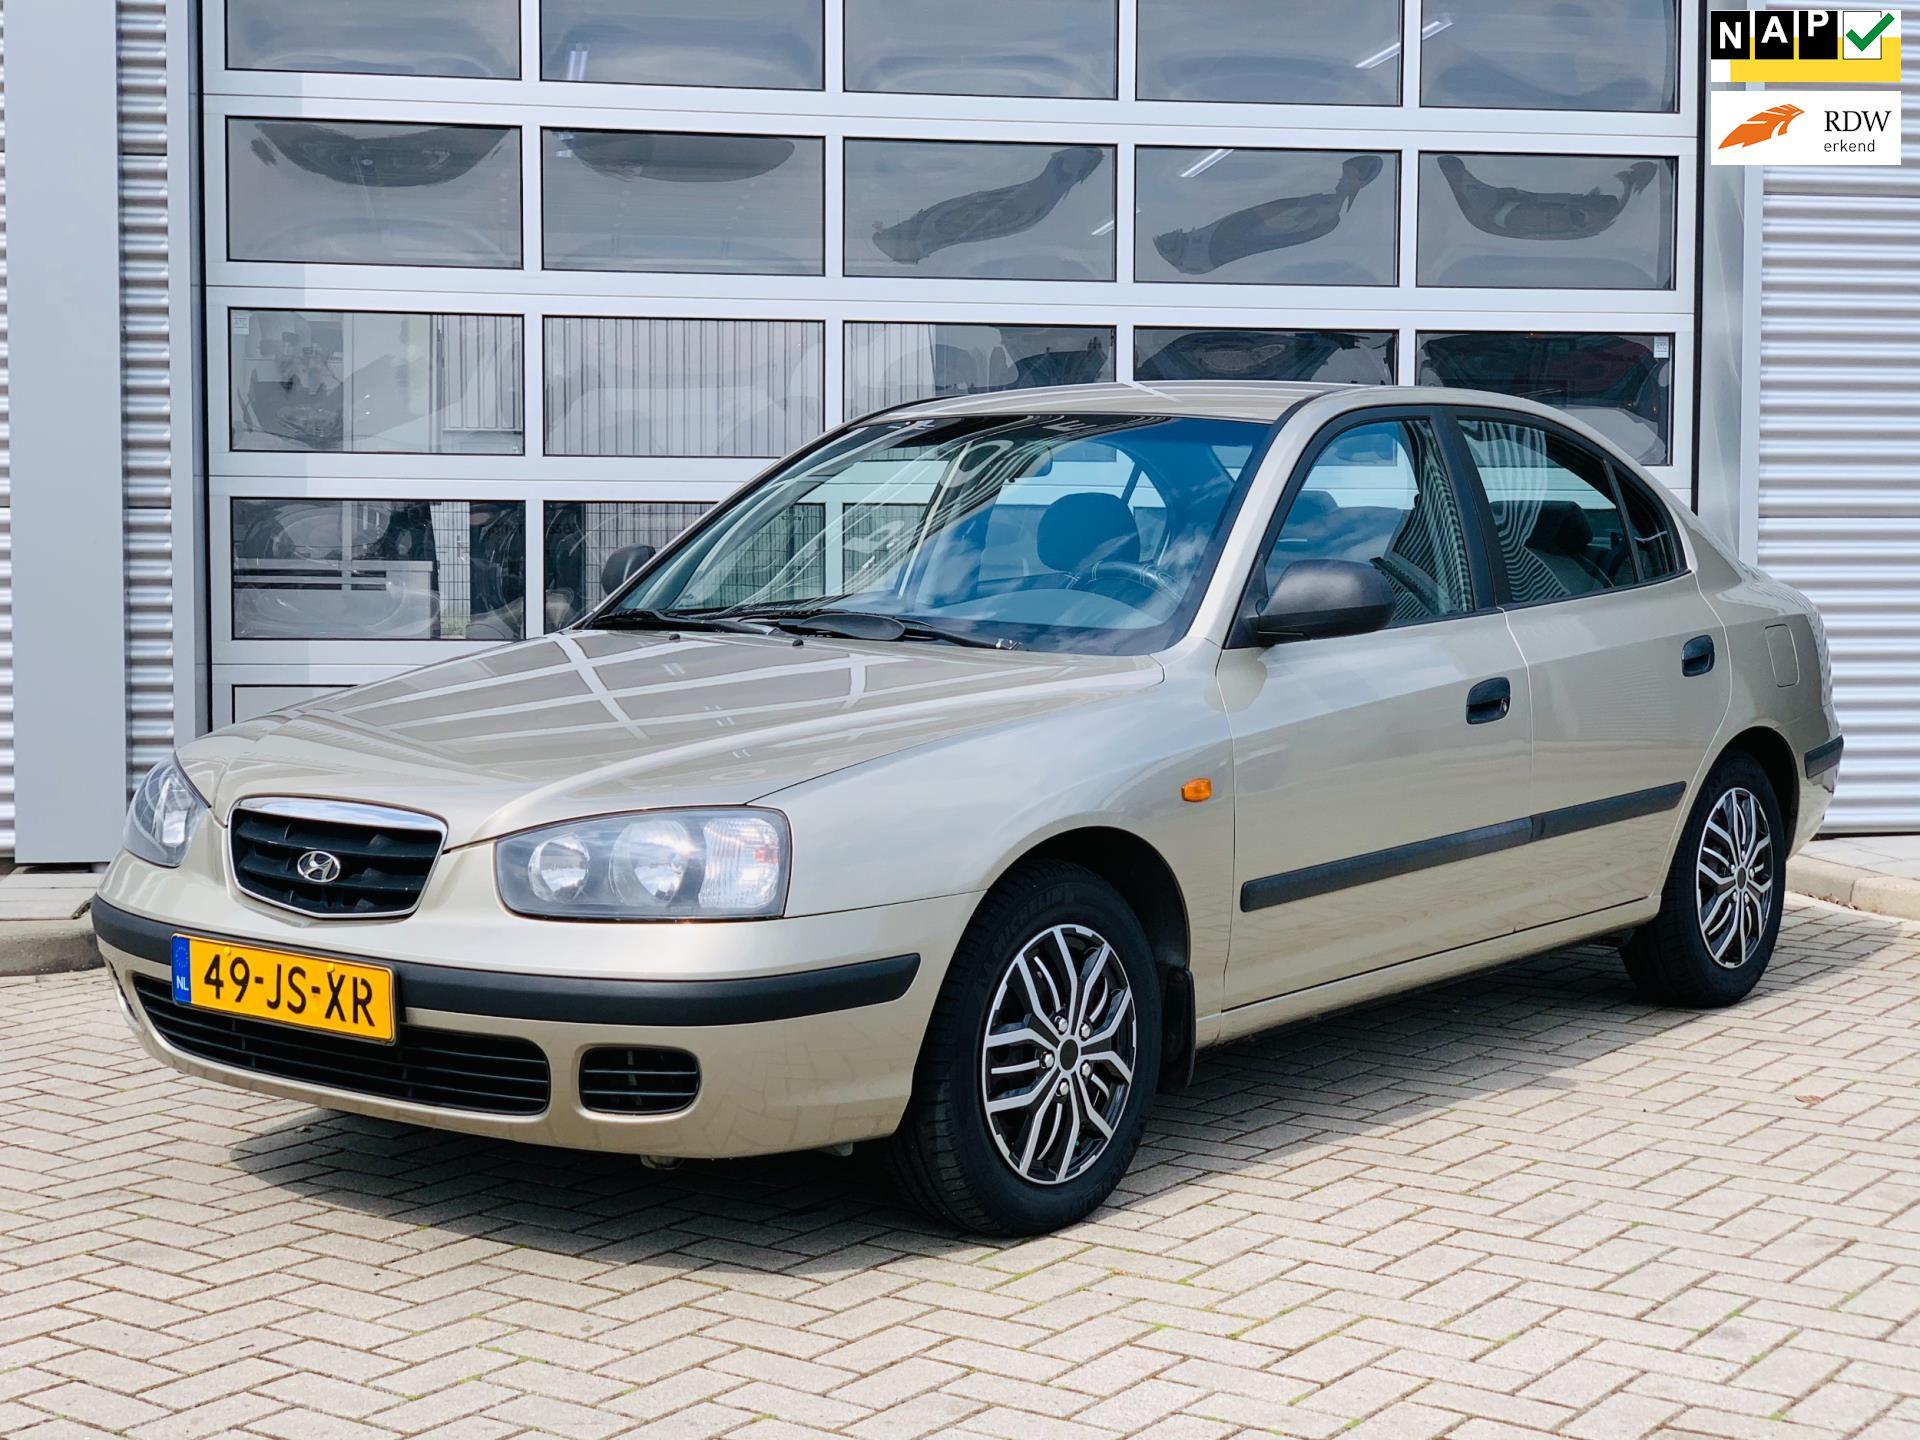 Hyundai Elantra occasion - Autobedrijf M. Massop